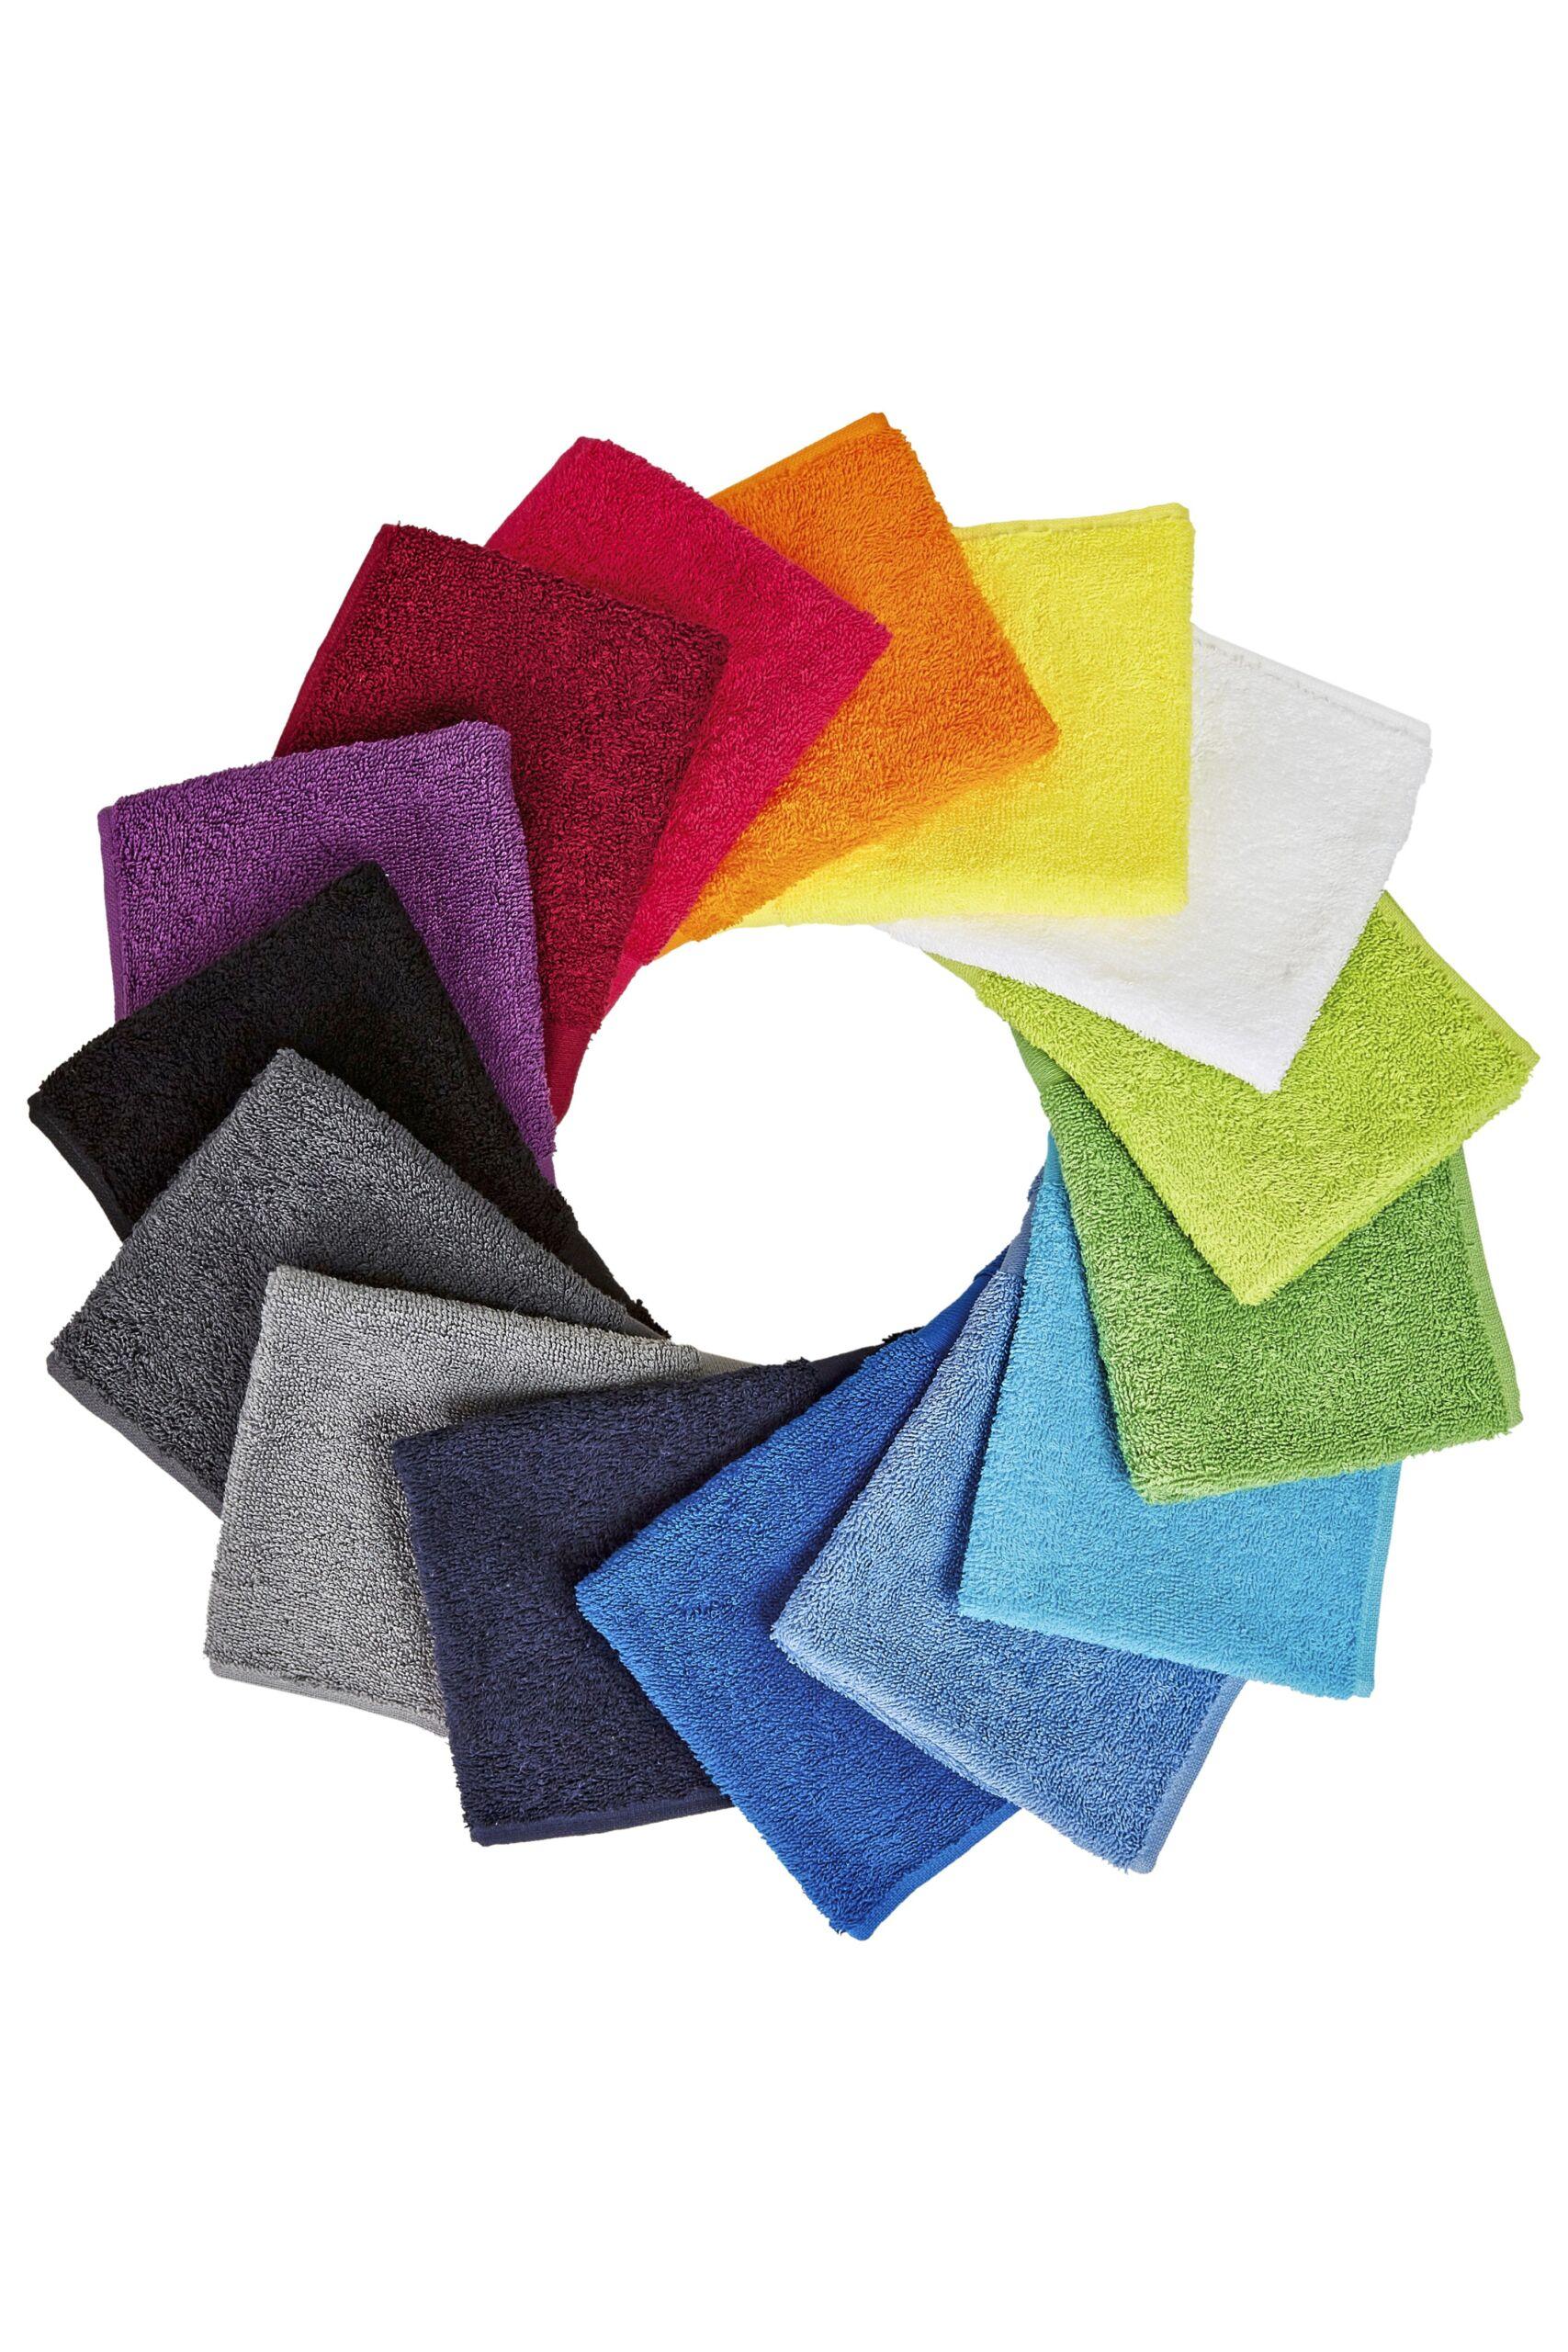 Fairtrade Og Oekotex Gæstehåndklæde I En 450g/m2 Kvalitet [FT100G]